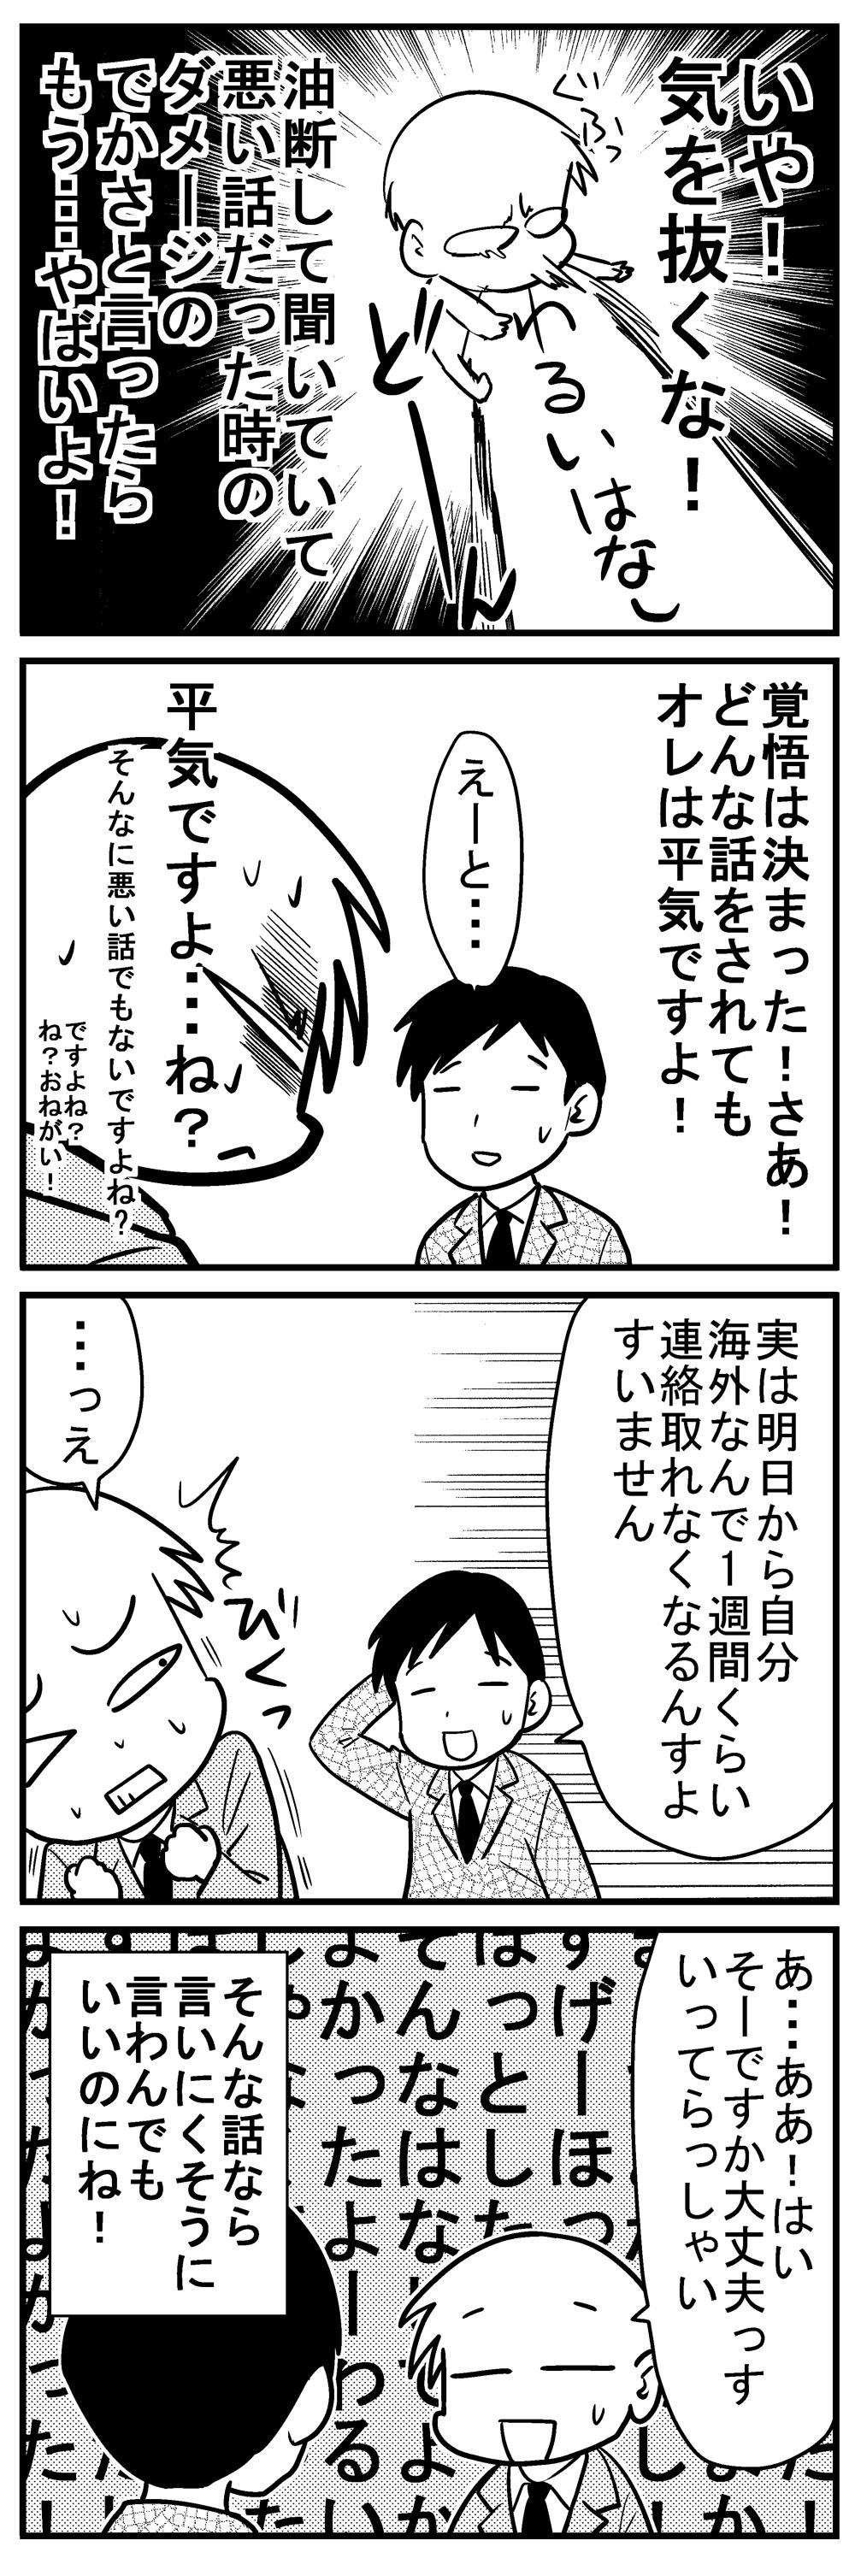 深読みくん56-4